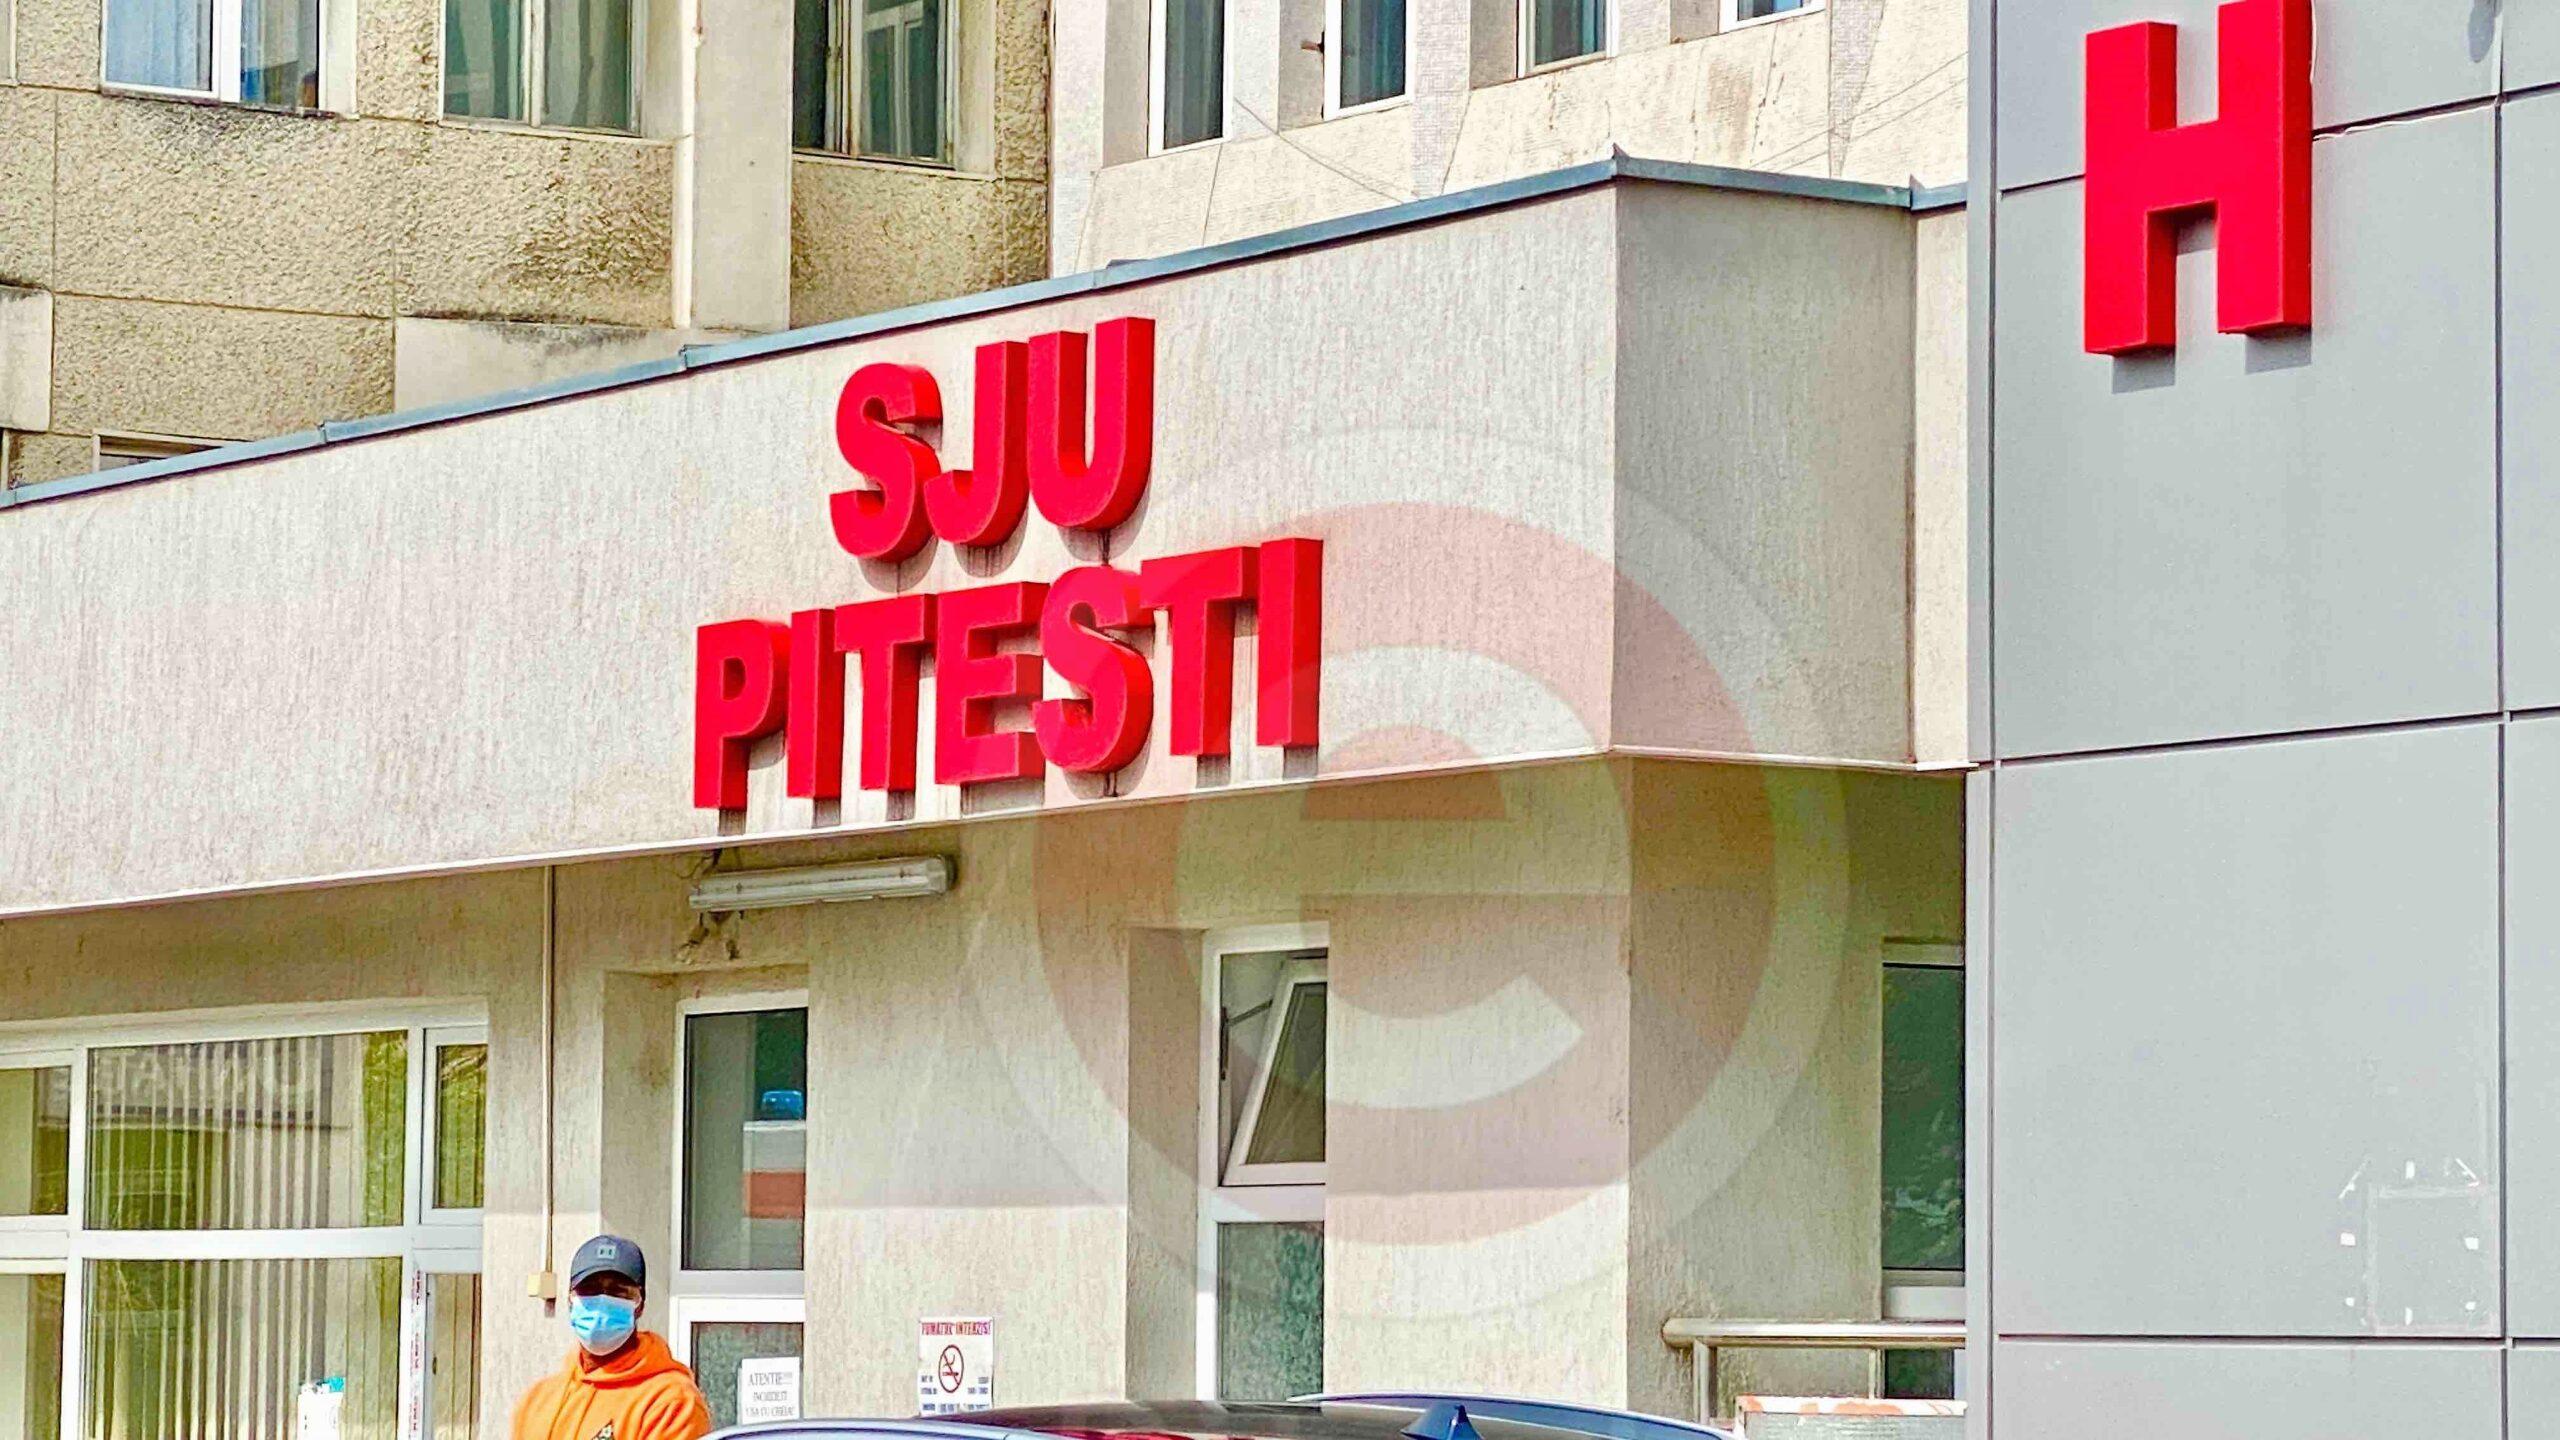 Peste 100 de persoane muşcate de căpuşe au ajuns de urgenţă la Spitalul Judeţean Piteşti